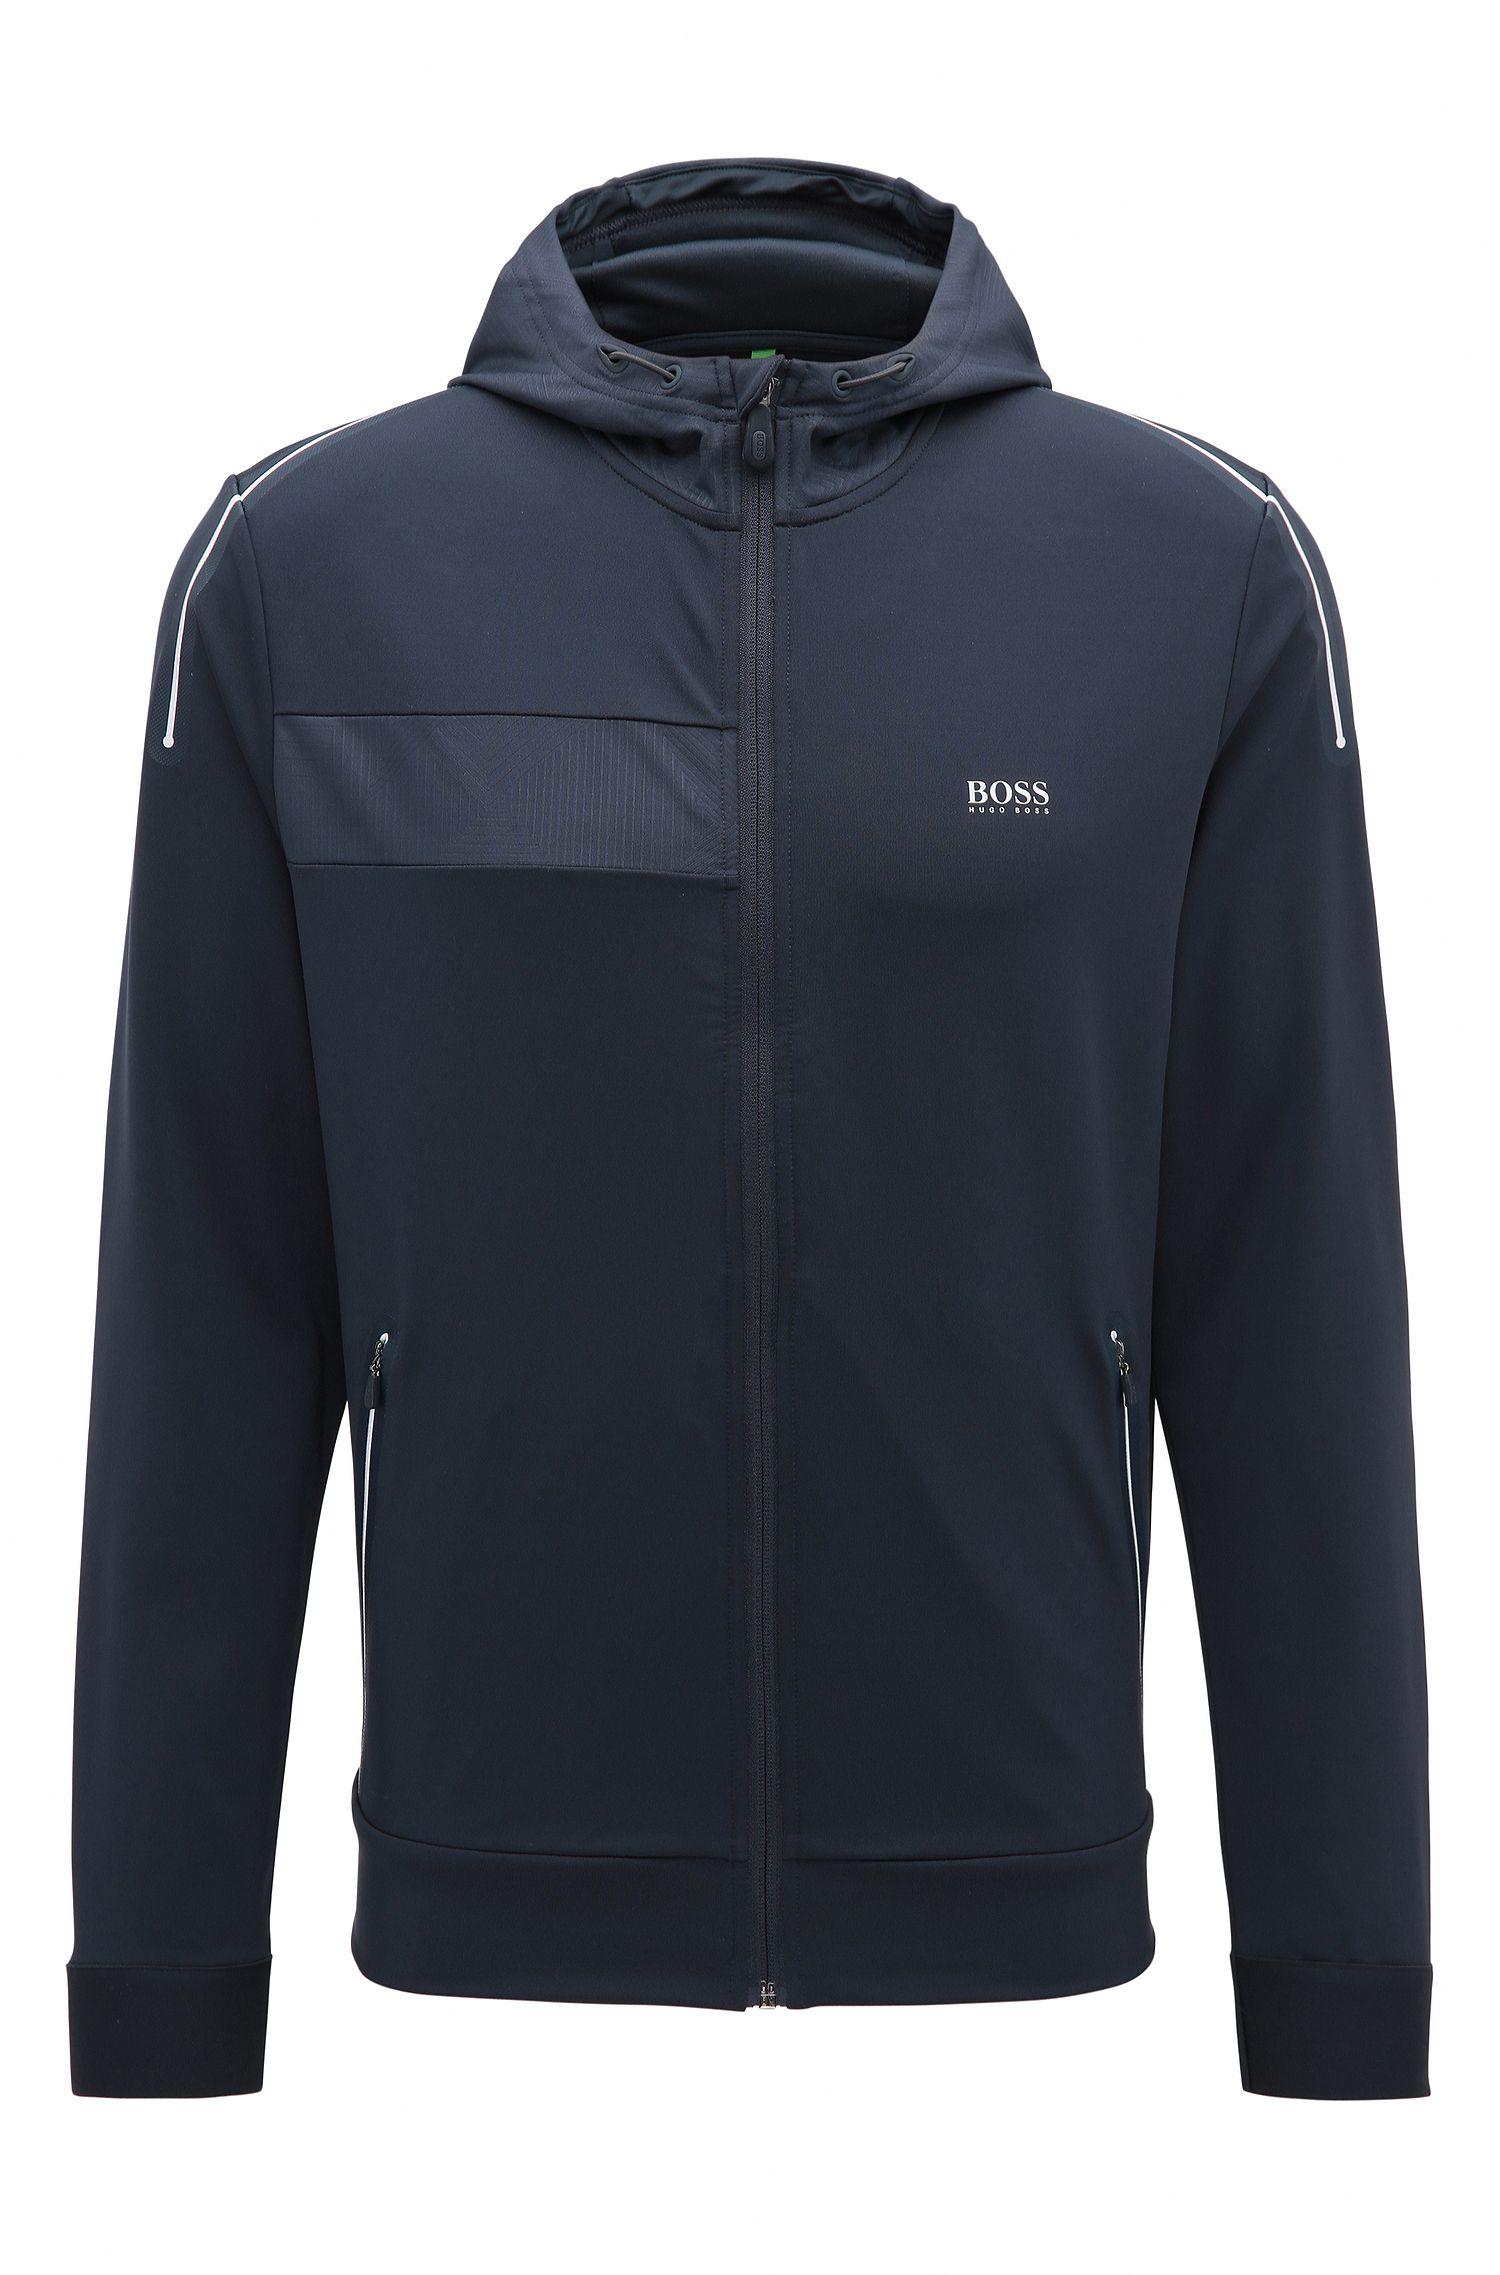 Hooded Full-Zip Sweater Jacket | Saggytech